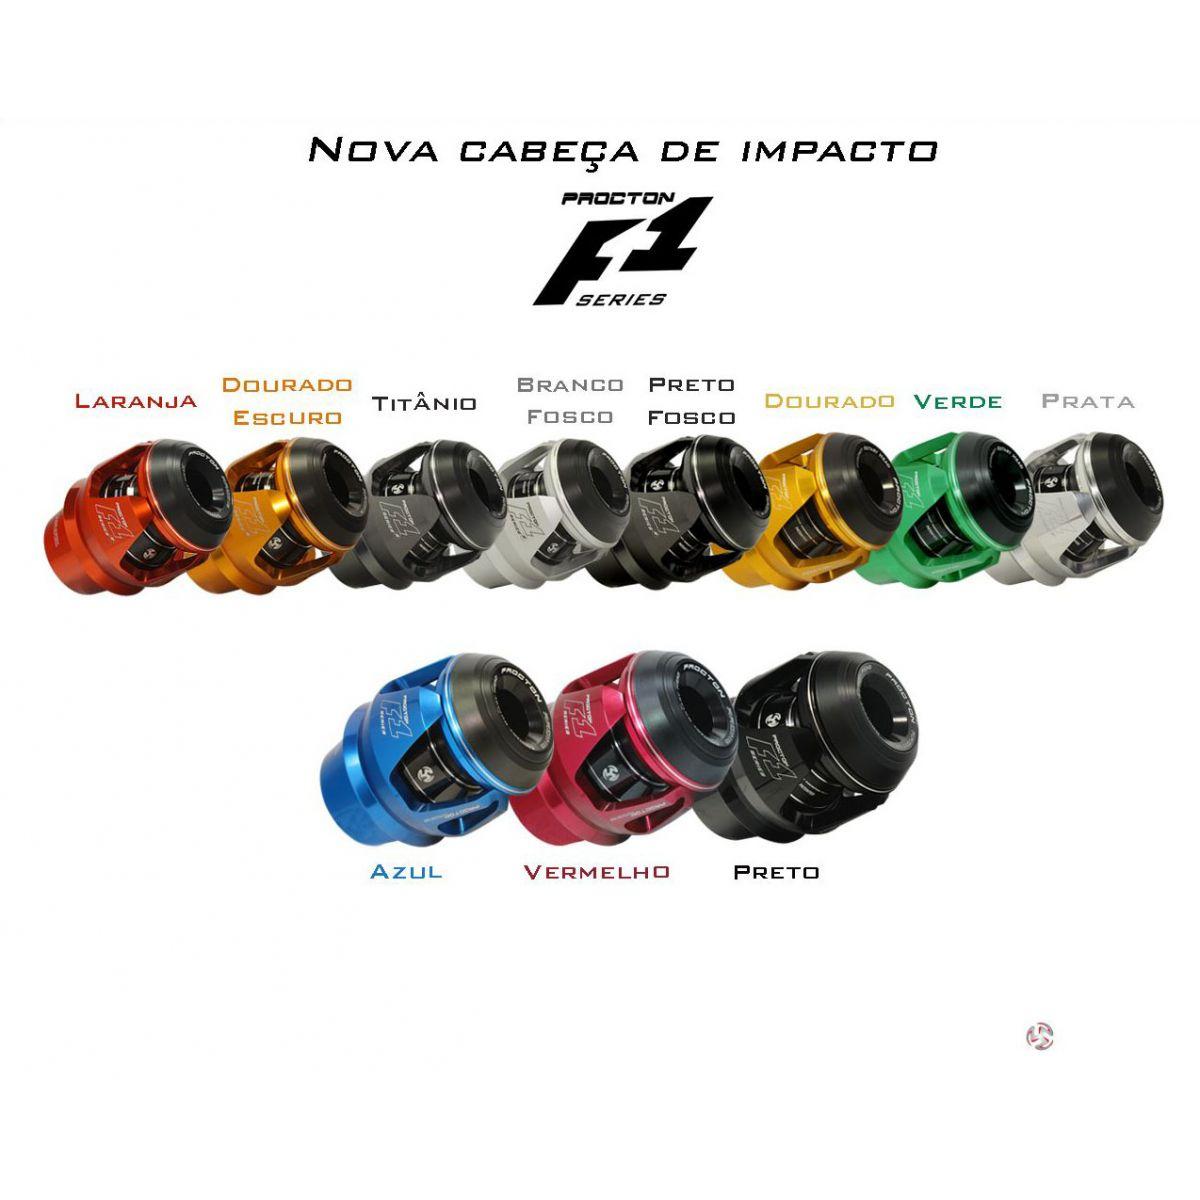 Cabeça de Impacto F1 Procton  - Nova Suzuki Motos e Acessórios